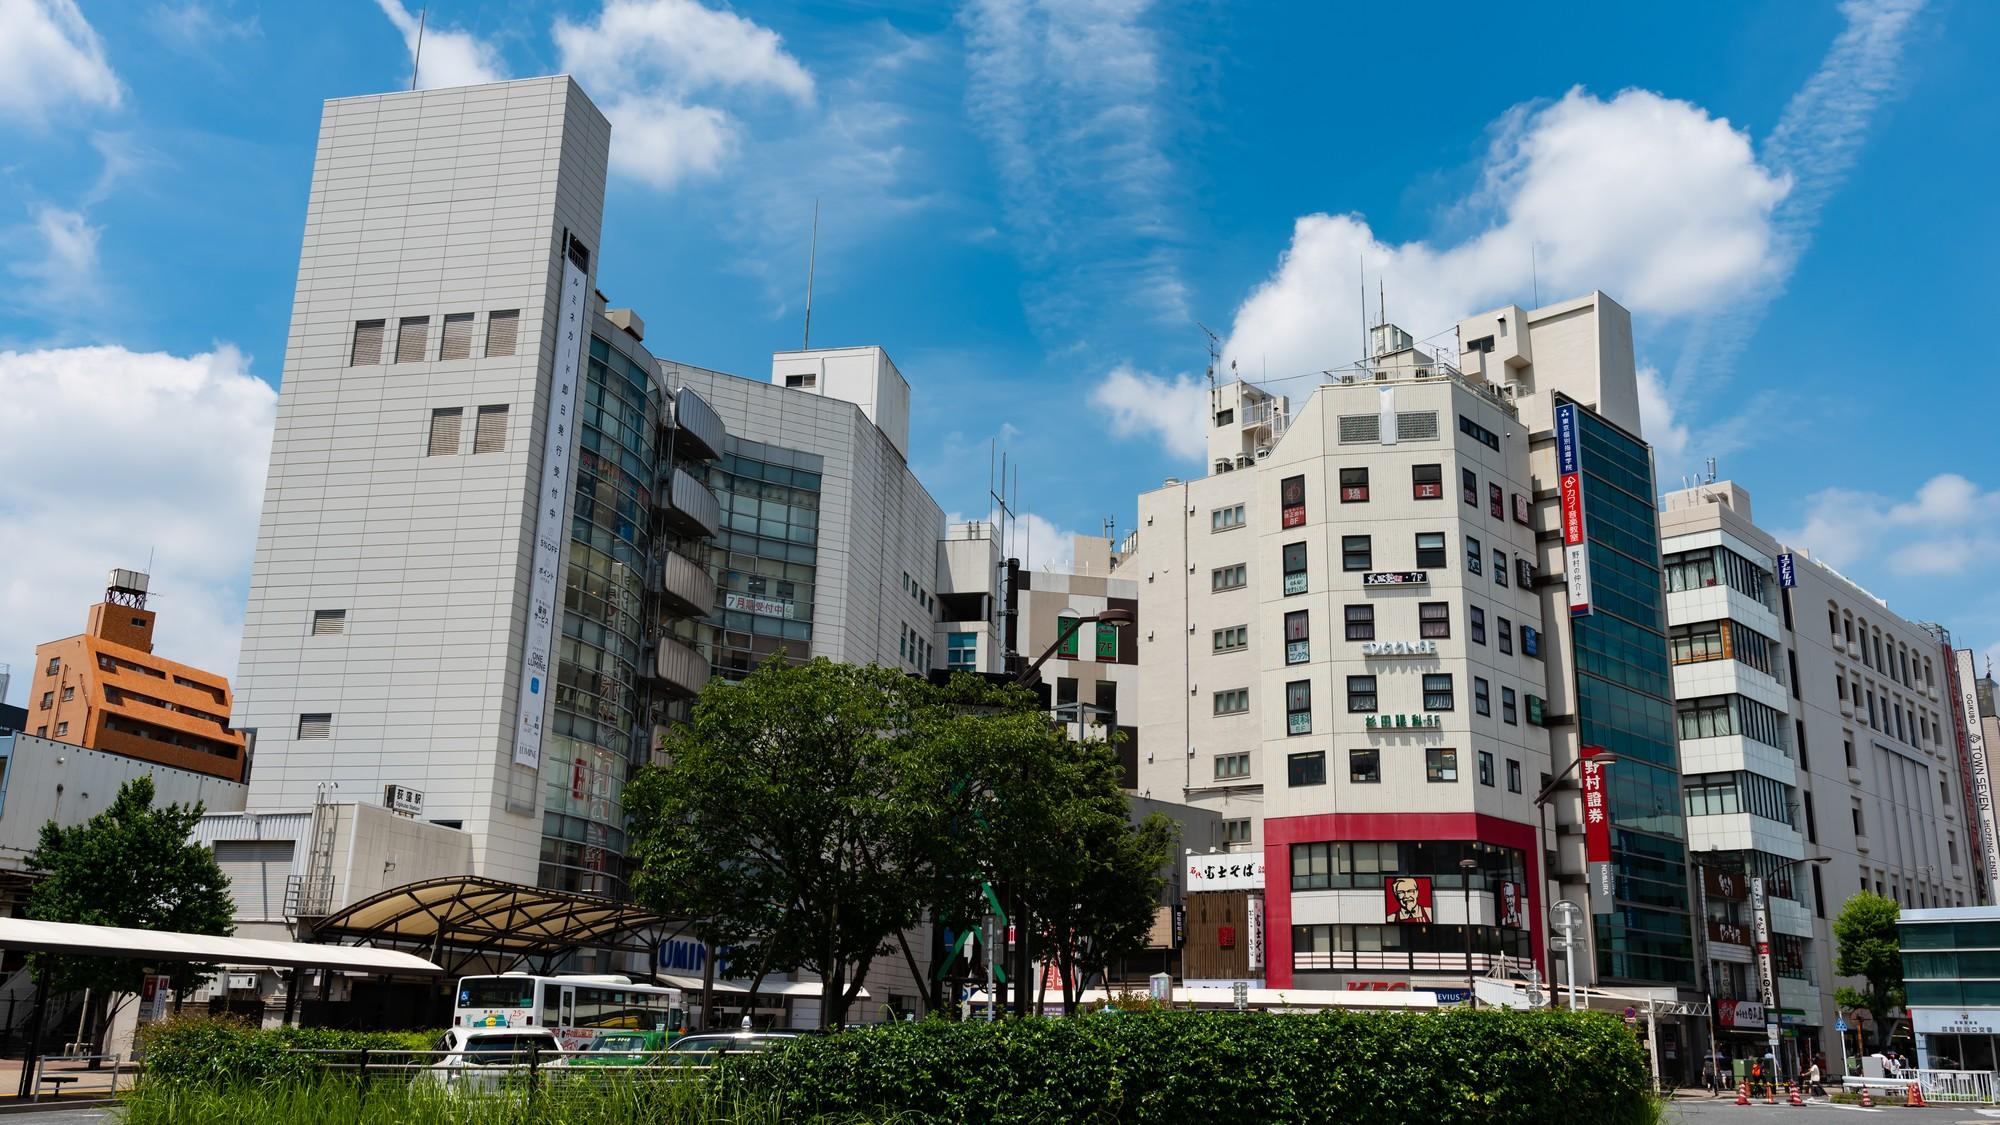 かつて鎌倉に並ぶ別荘地「荻窪」投資エリアとしての可能性